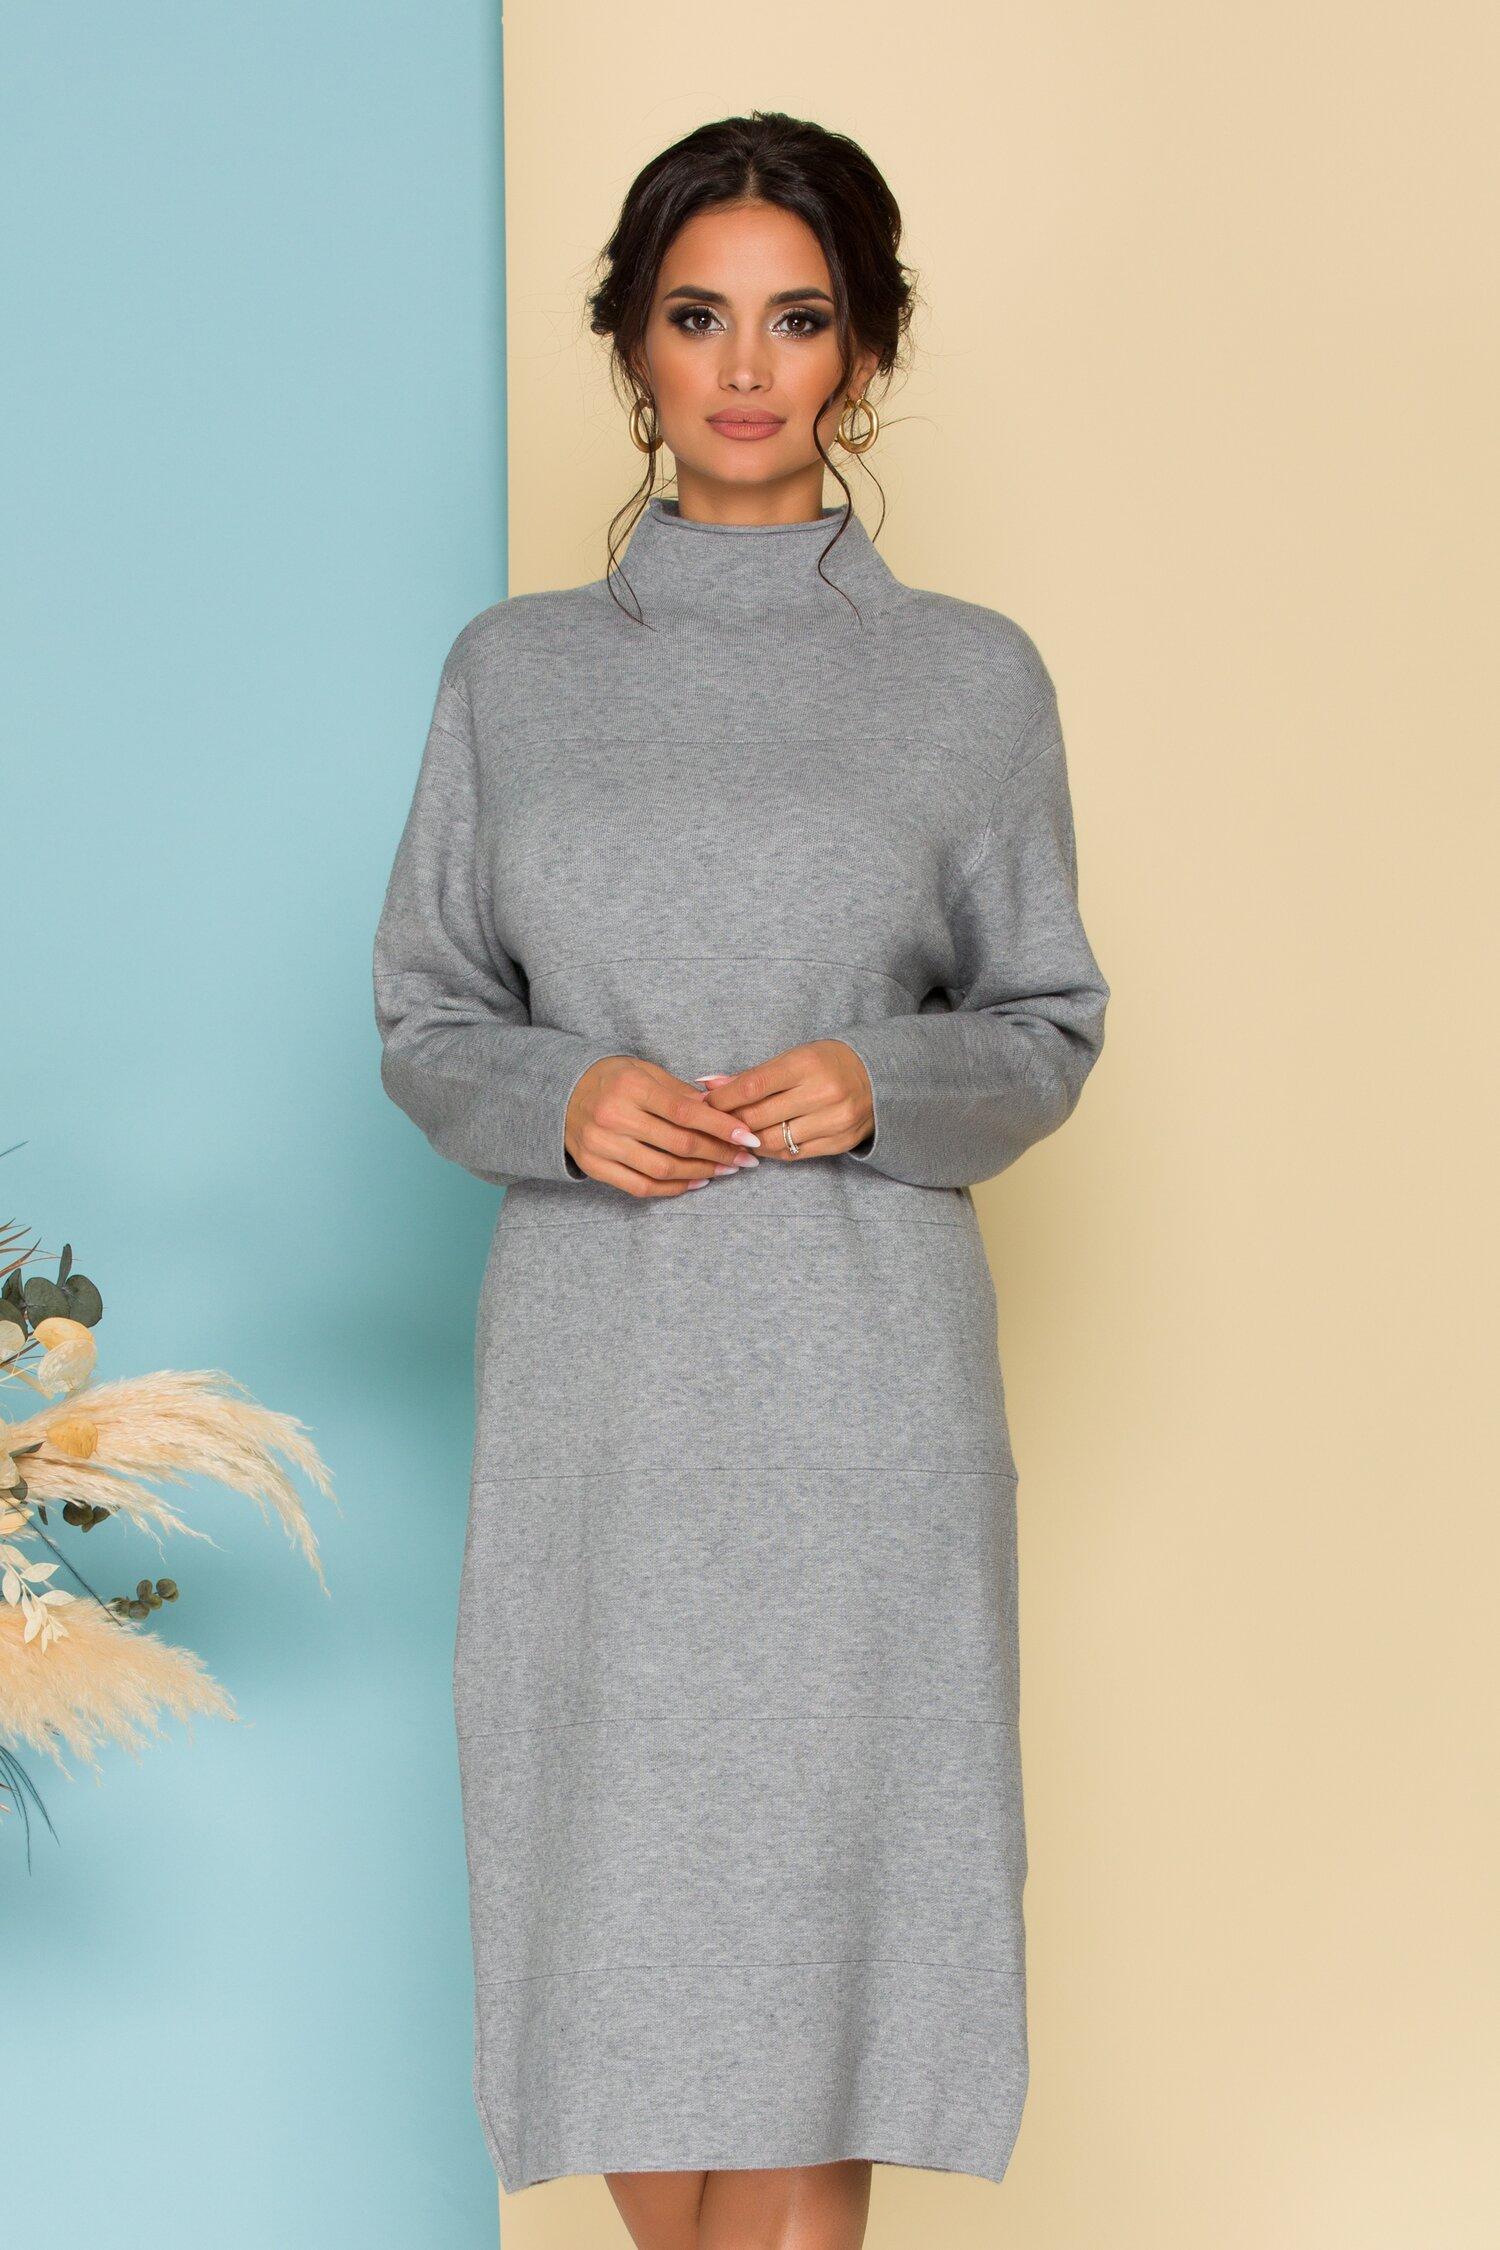 Rochie gri din tricot cu guler pe gat imagine